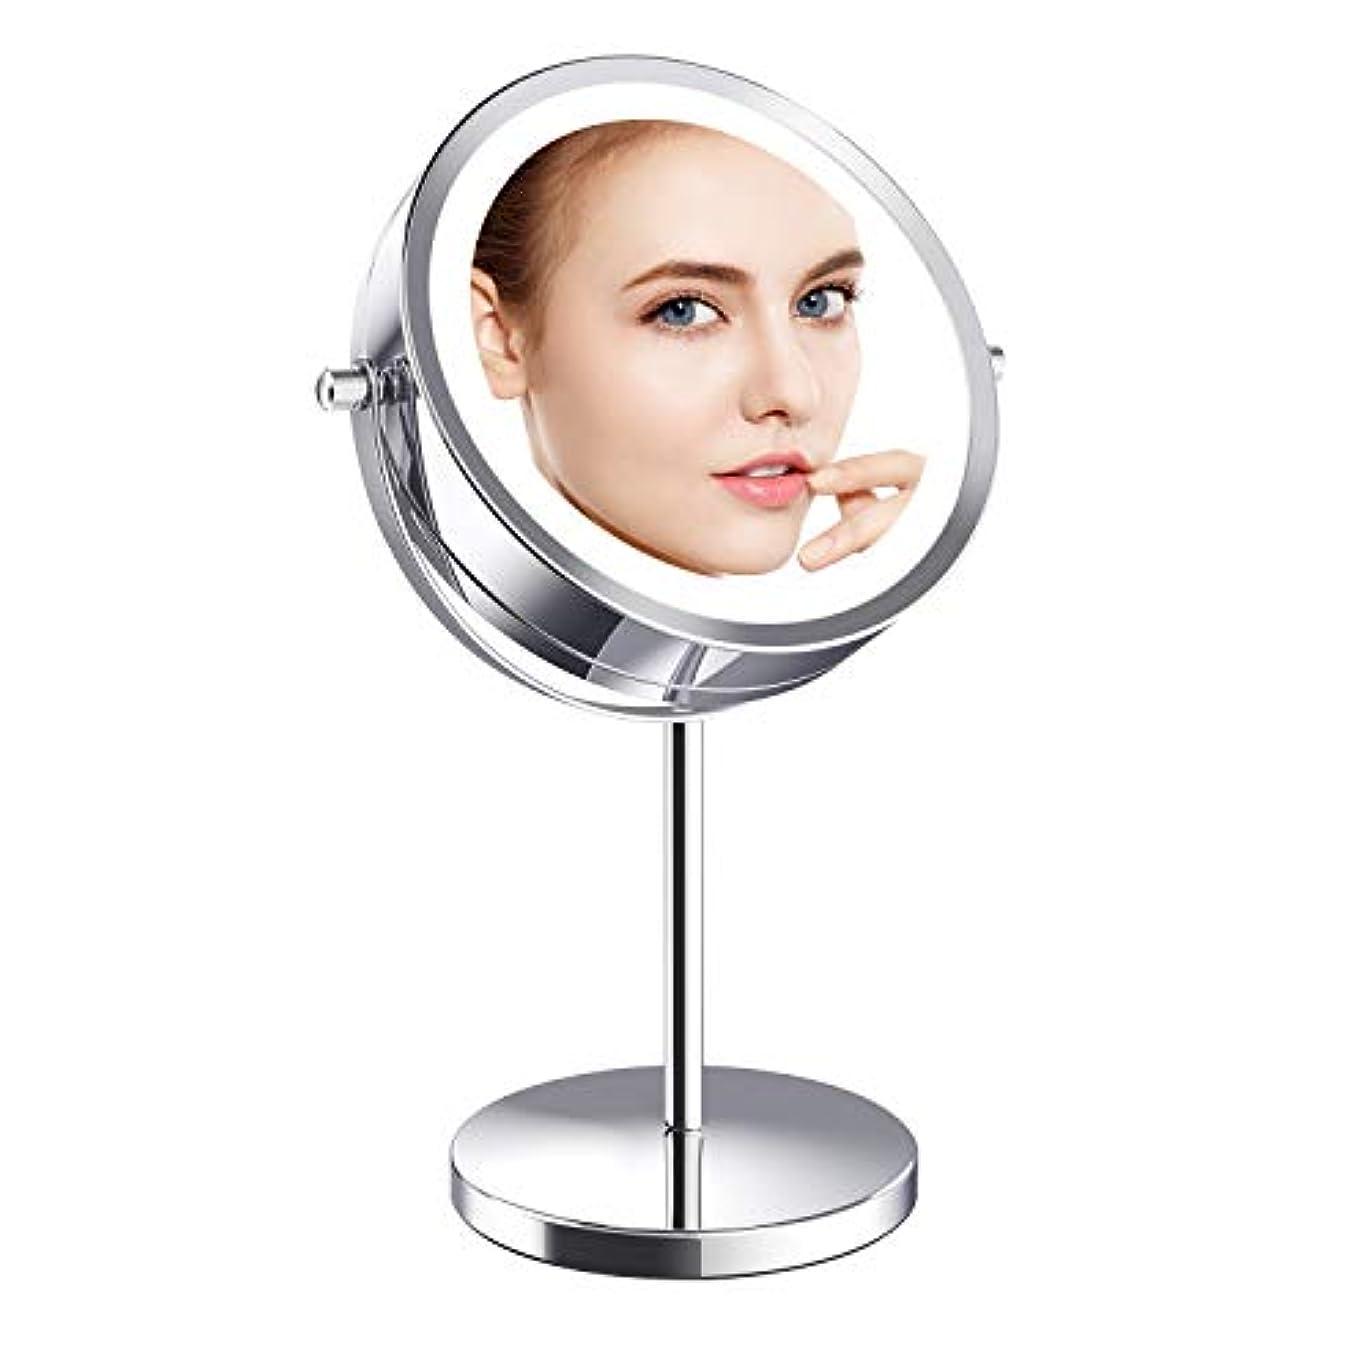 へこみ事件、出来事を除くGospire 化粧鏡 10倍拡大鏡+等倍鏡 LED卓上化粧鏡 メイクミラー 両面型 360度回転式 日本語説明書付き ライティングミラー プレゼント